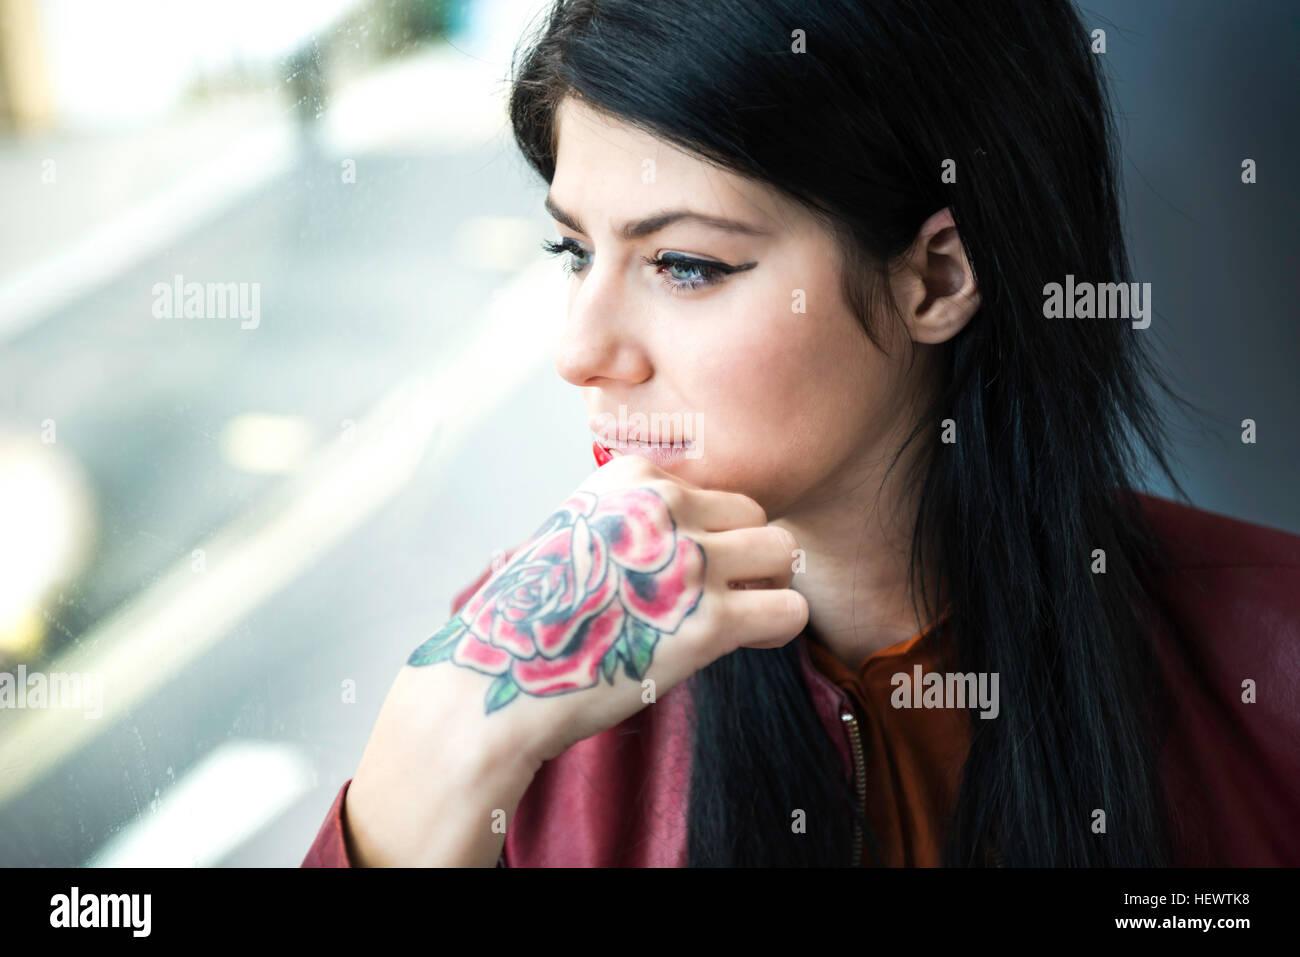 Mujer joven con tatuaje en la mano, mirando a través de la ventana Imagen De Stock